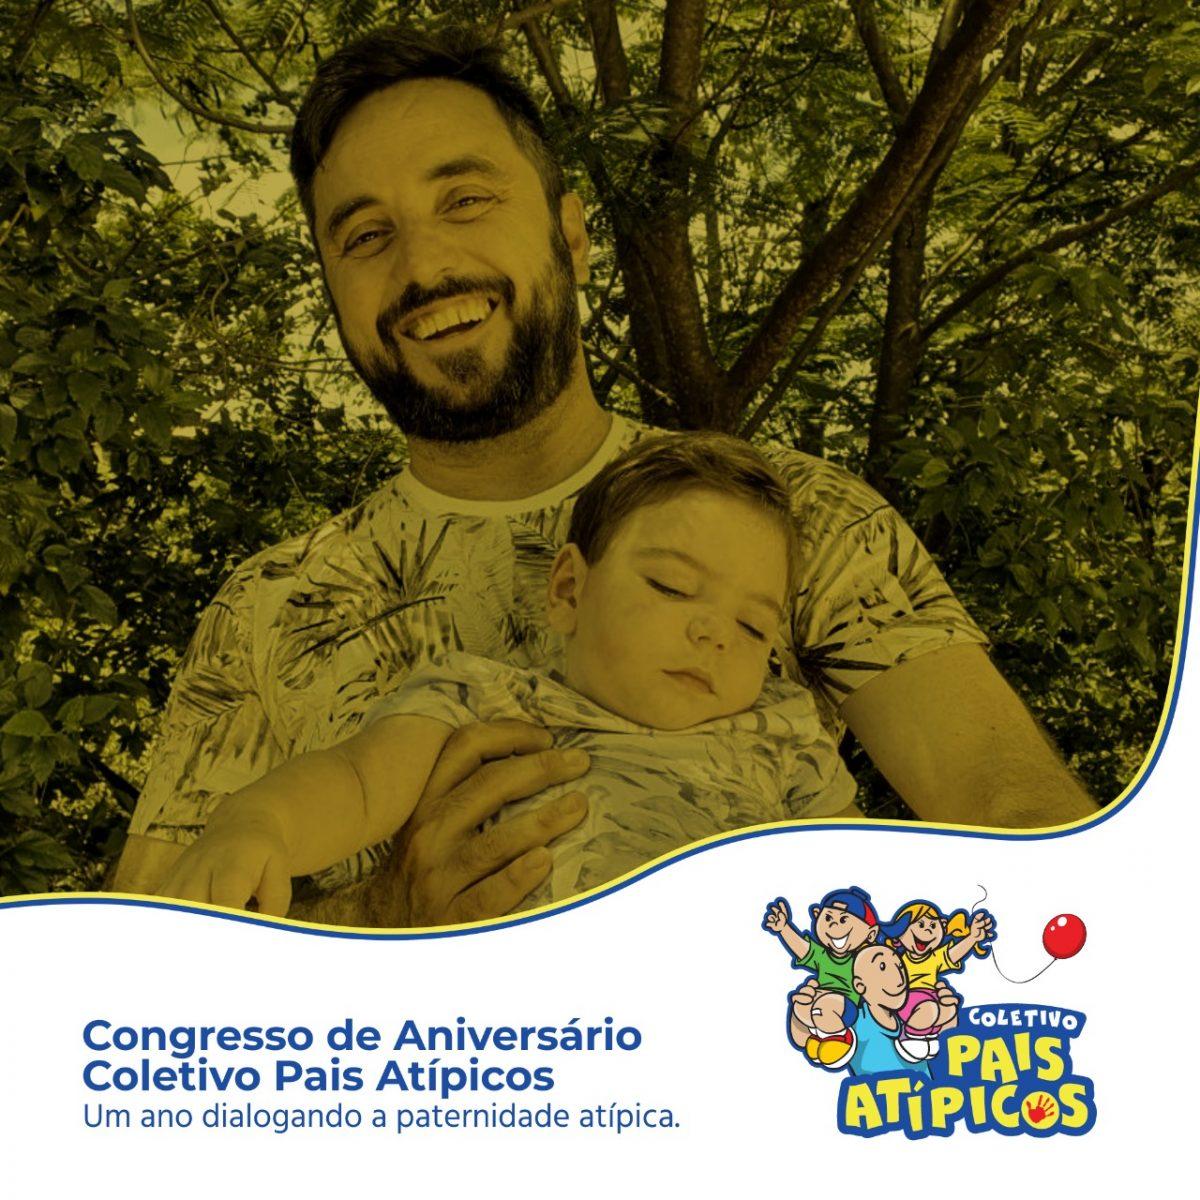 WhatsApp Image 2021 07 29 at 13.32.03 3 scaled - PATERNIDADE + INCLUSÃO X DIÁLOGOS = COLETIVO PAIS ATÍPICOS